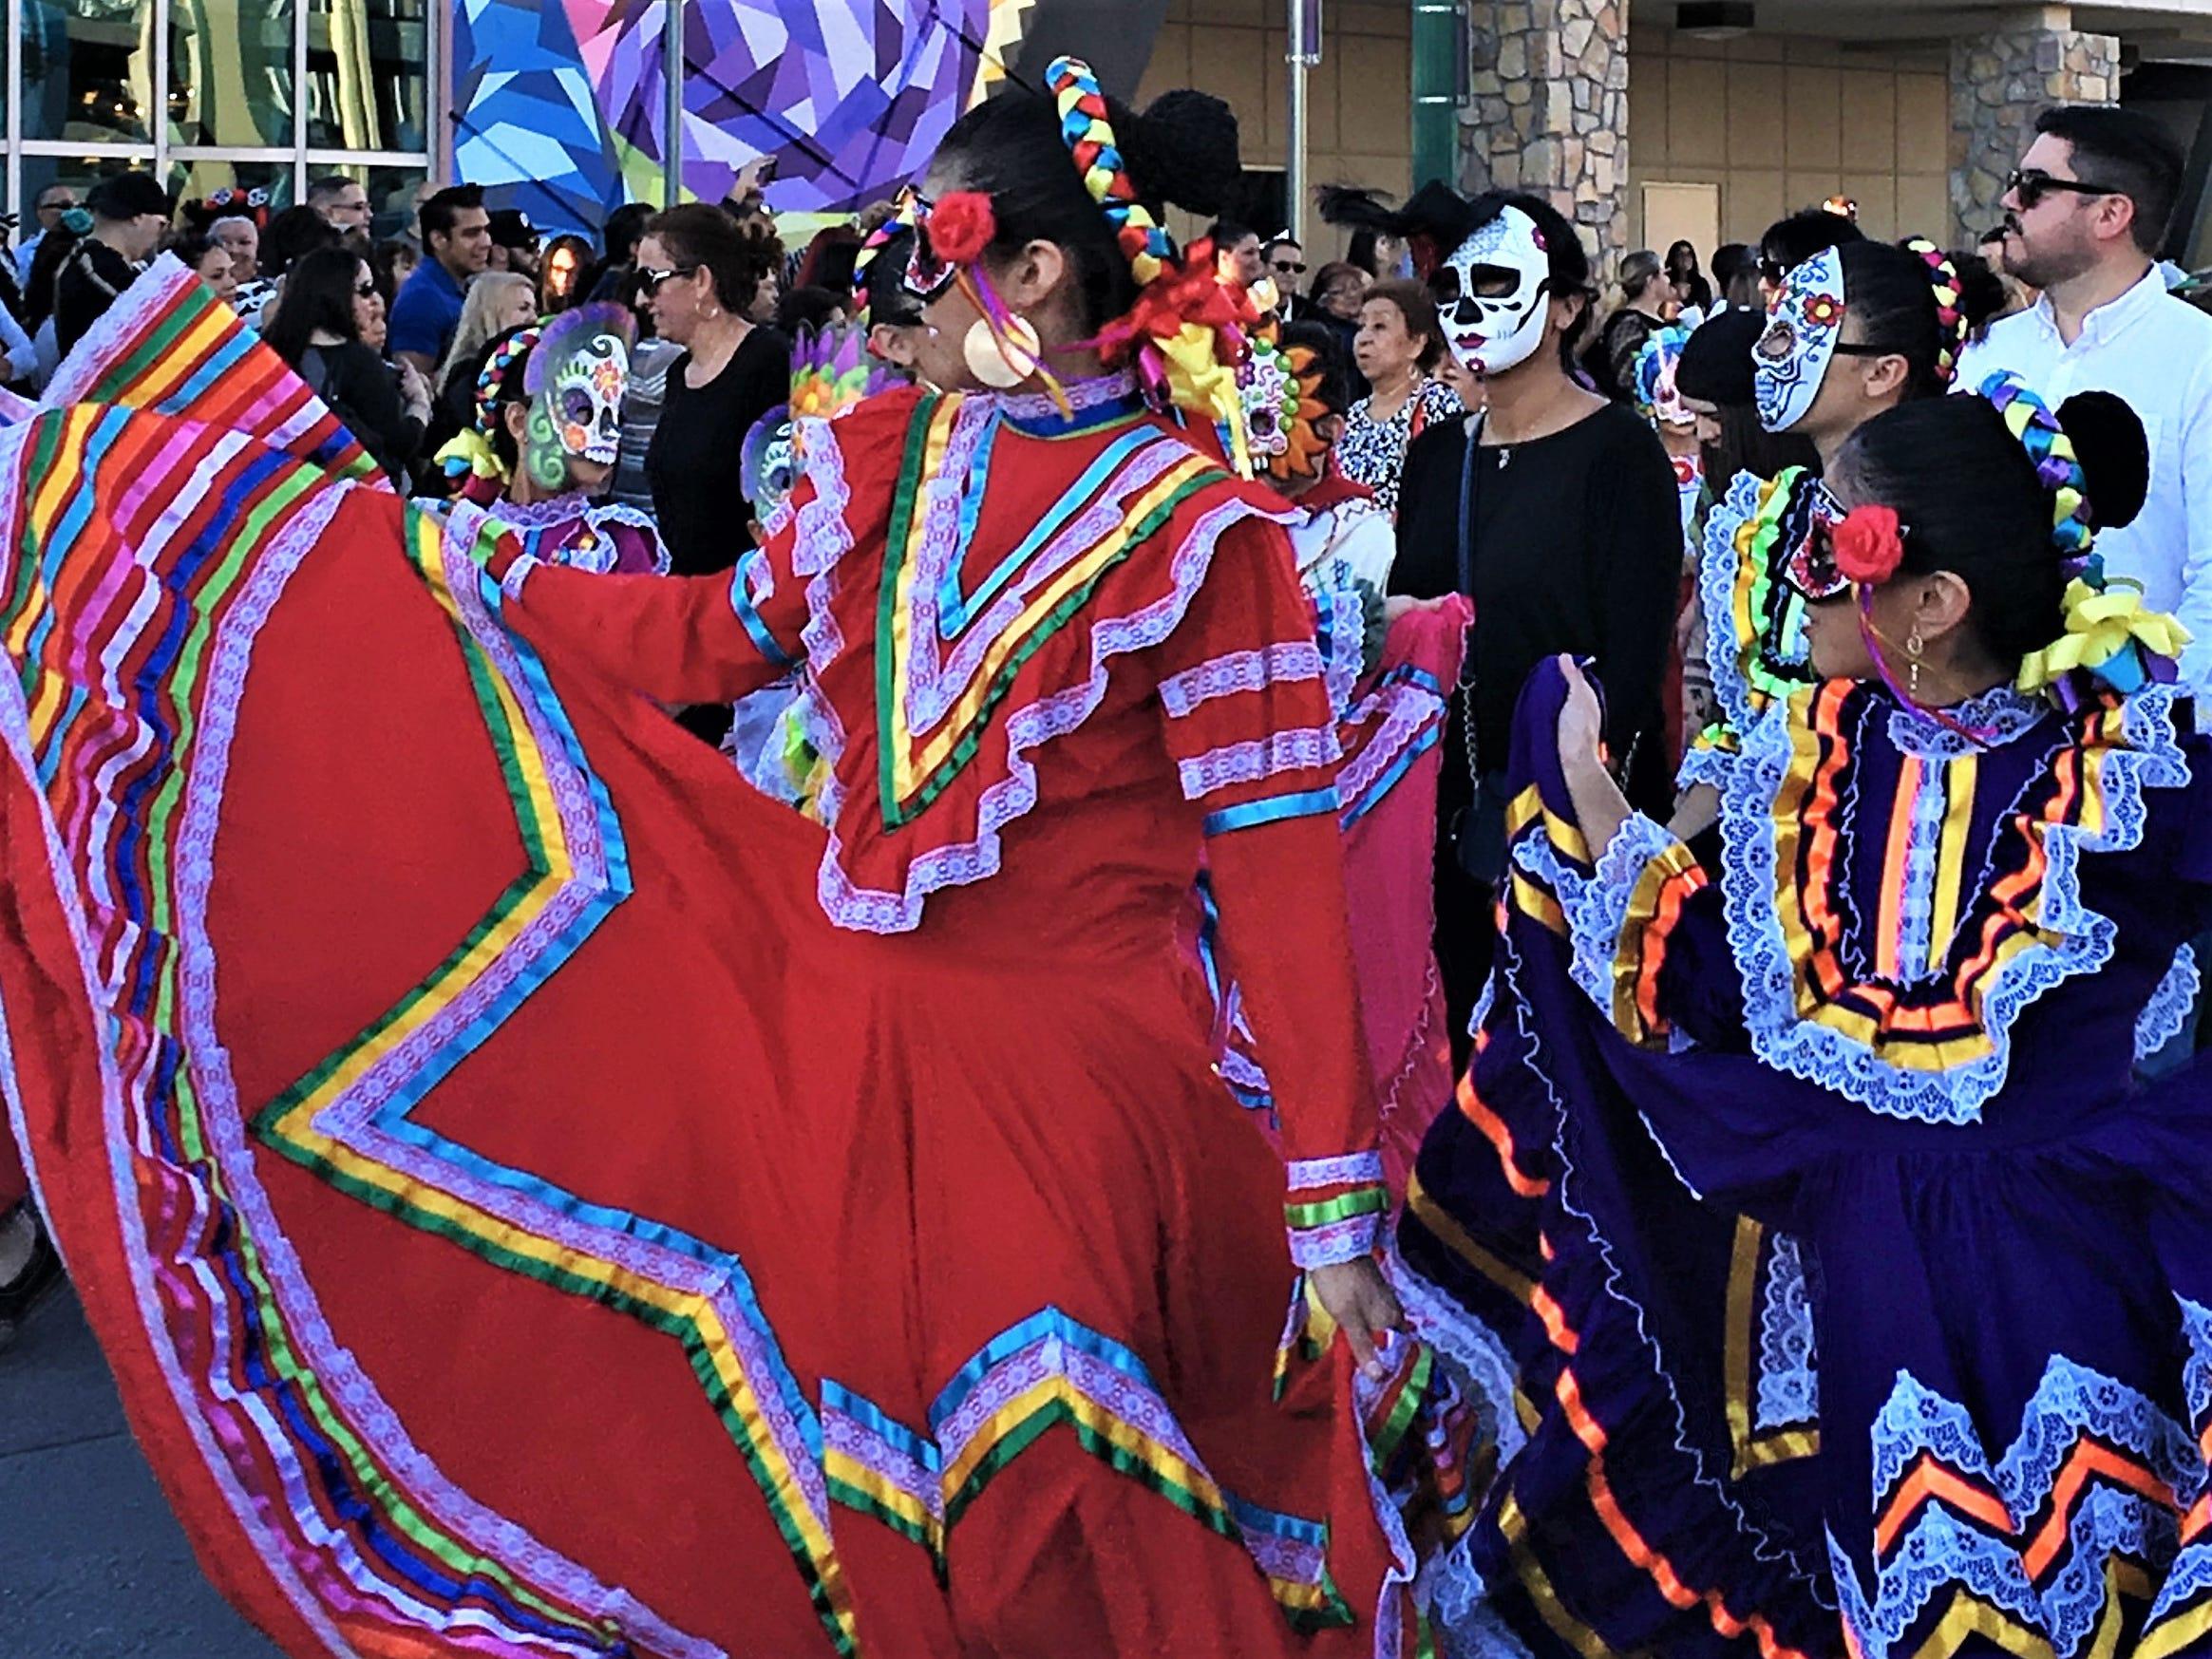 Masked folklorico dancers perform at the Dia de los Muertos 2018 parade in El Paso.